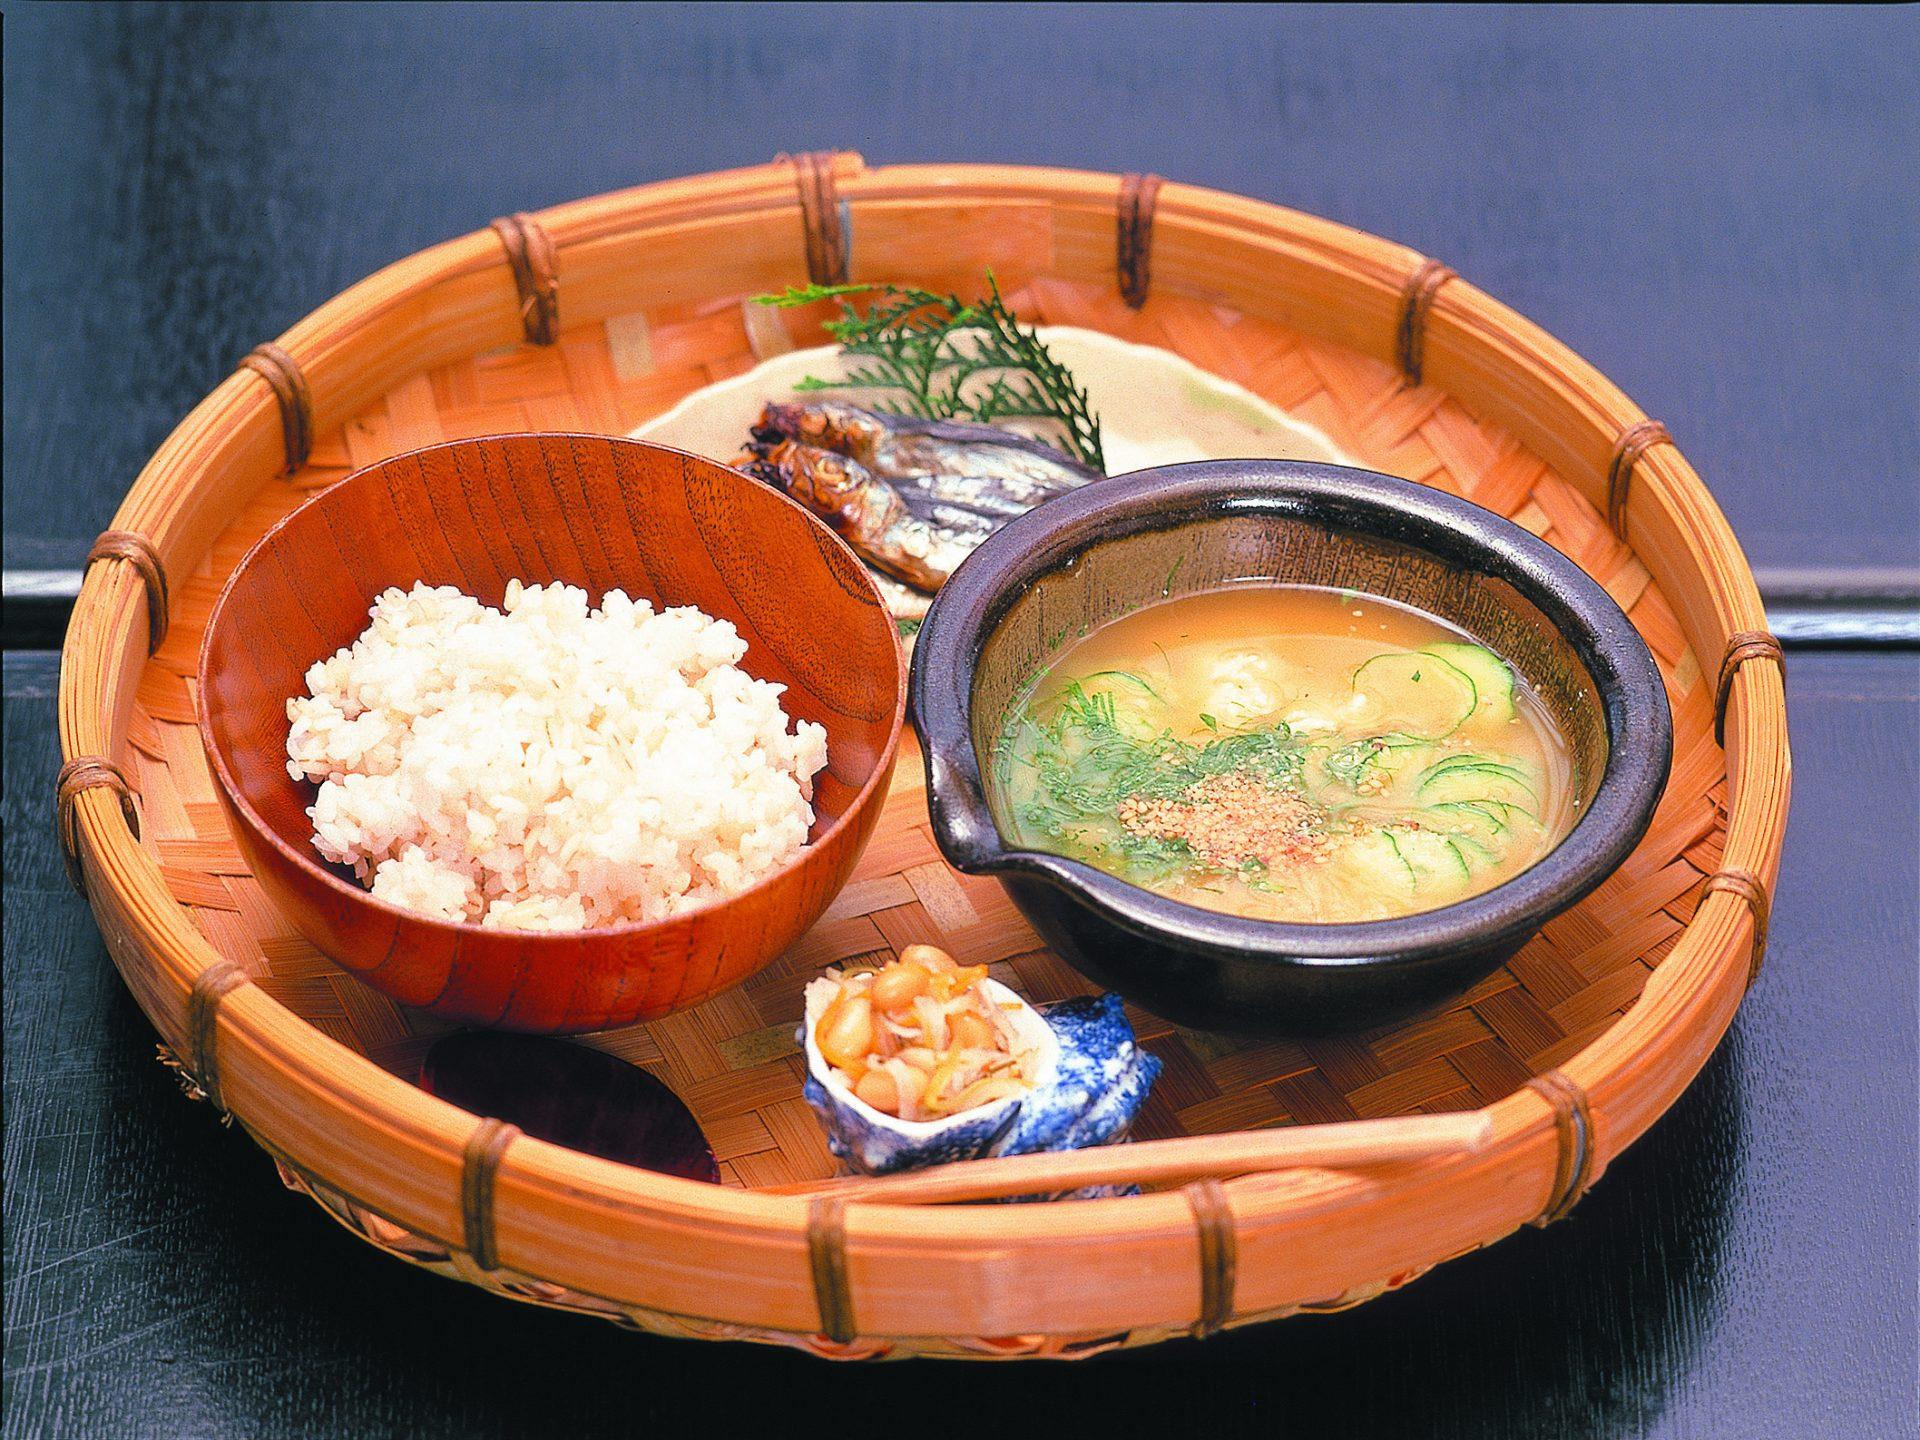 冷や汁 宮崎 九州 郷土料理 ご当地グルメ おすすめ 旅行 観光